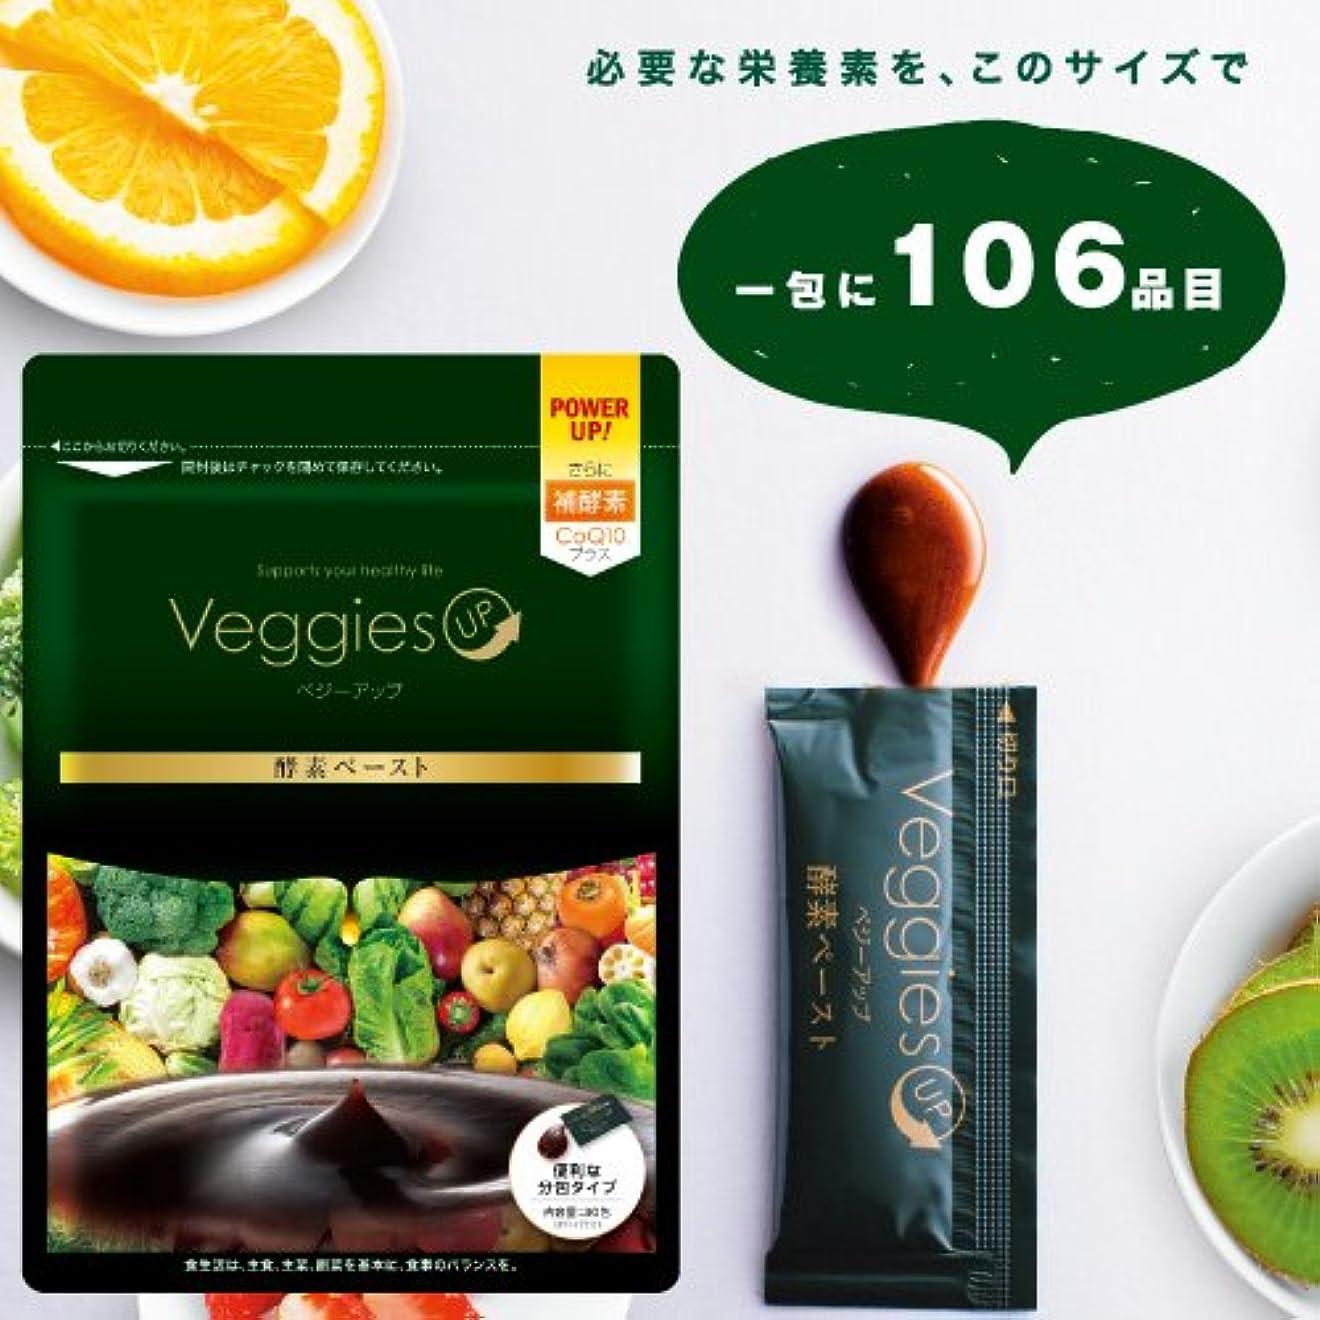 代表団請う同意ベジーアップ酵素ペースト 90g [3g×30包] ダイエット オリゴ糖 イヌリン コエンザイムQ10 黒ウコン 健康